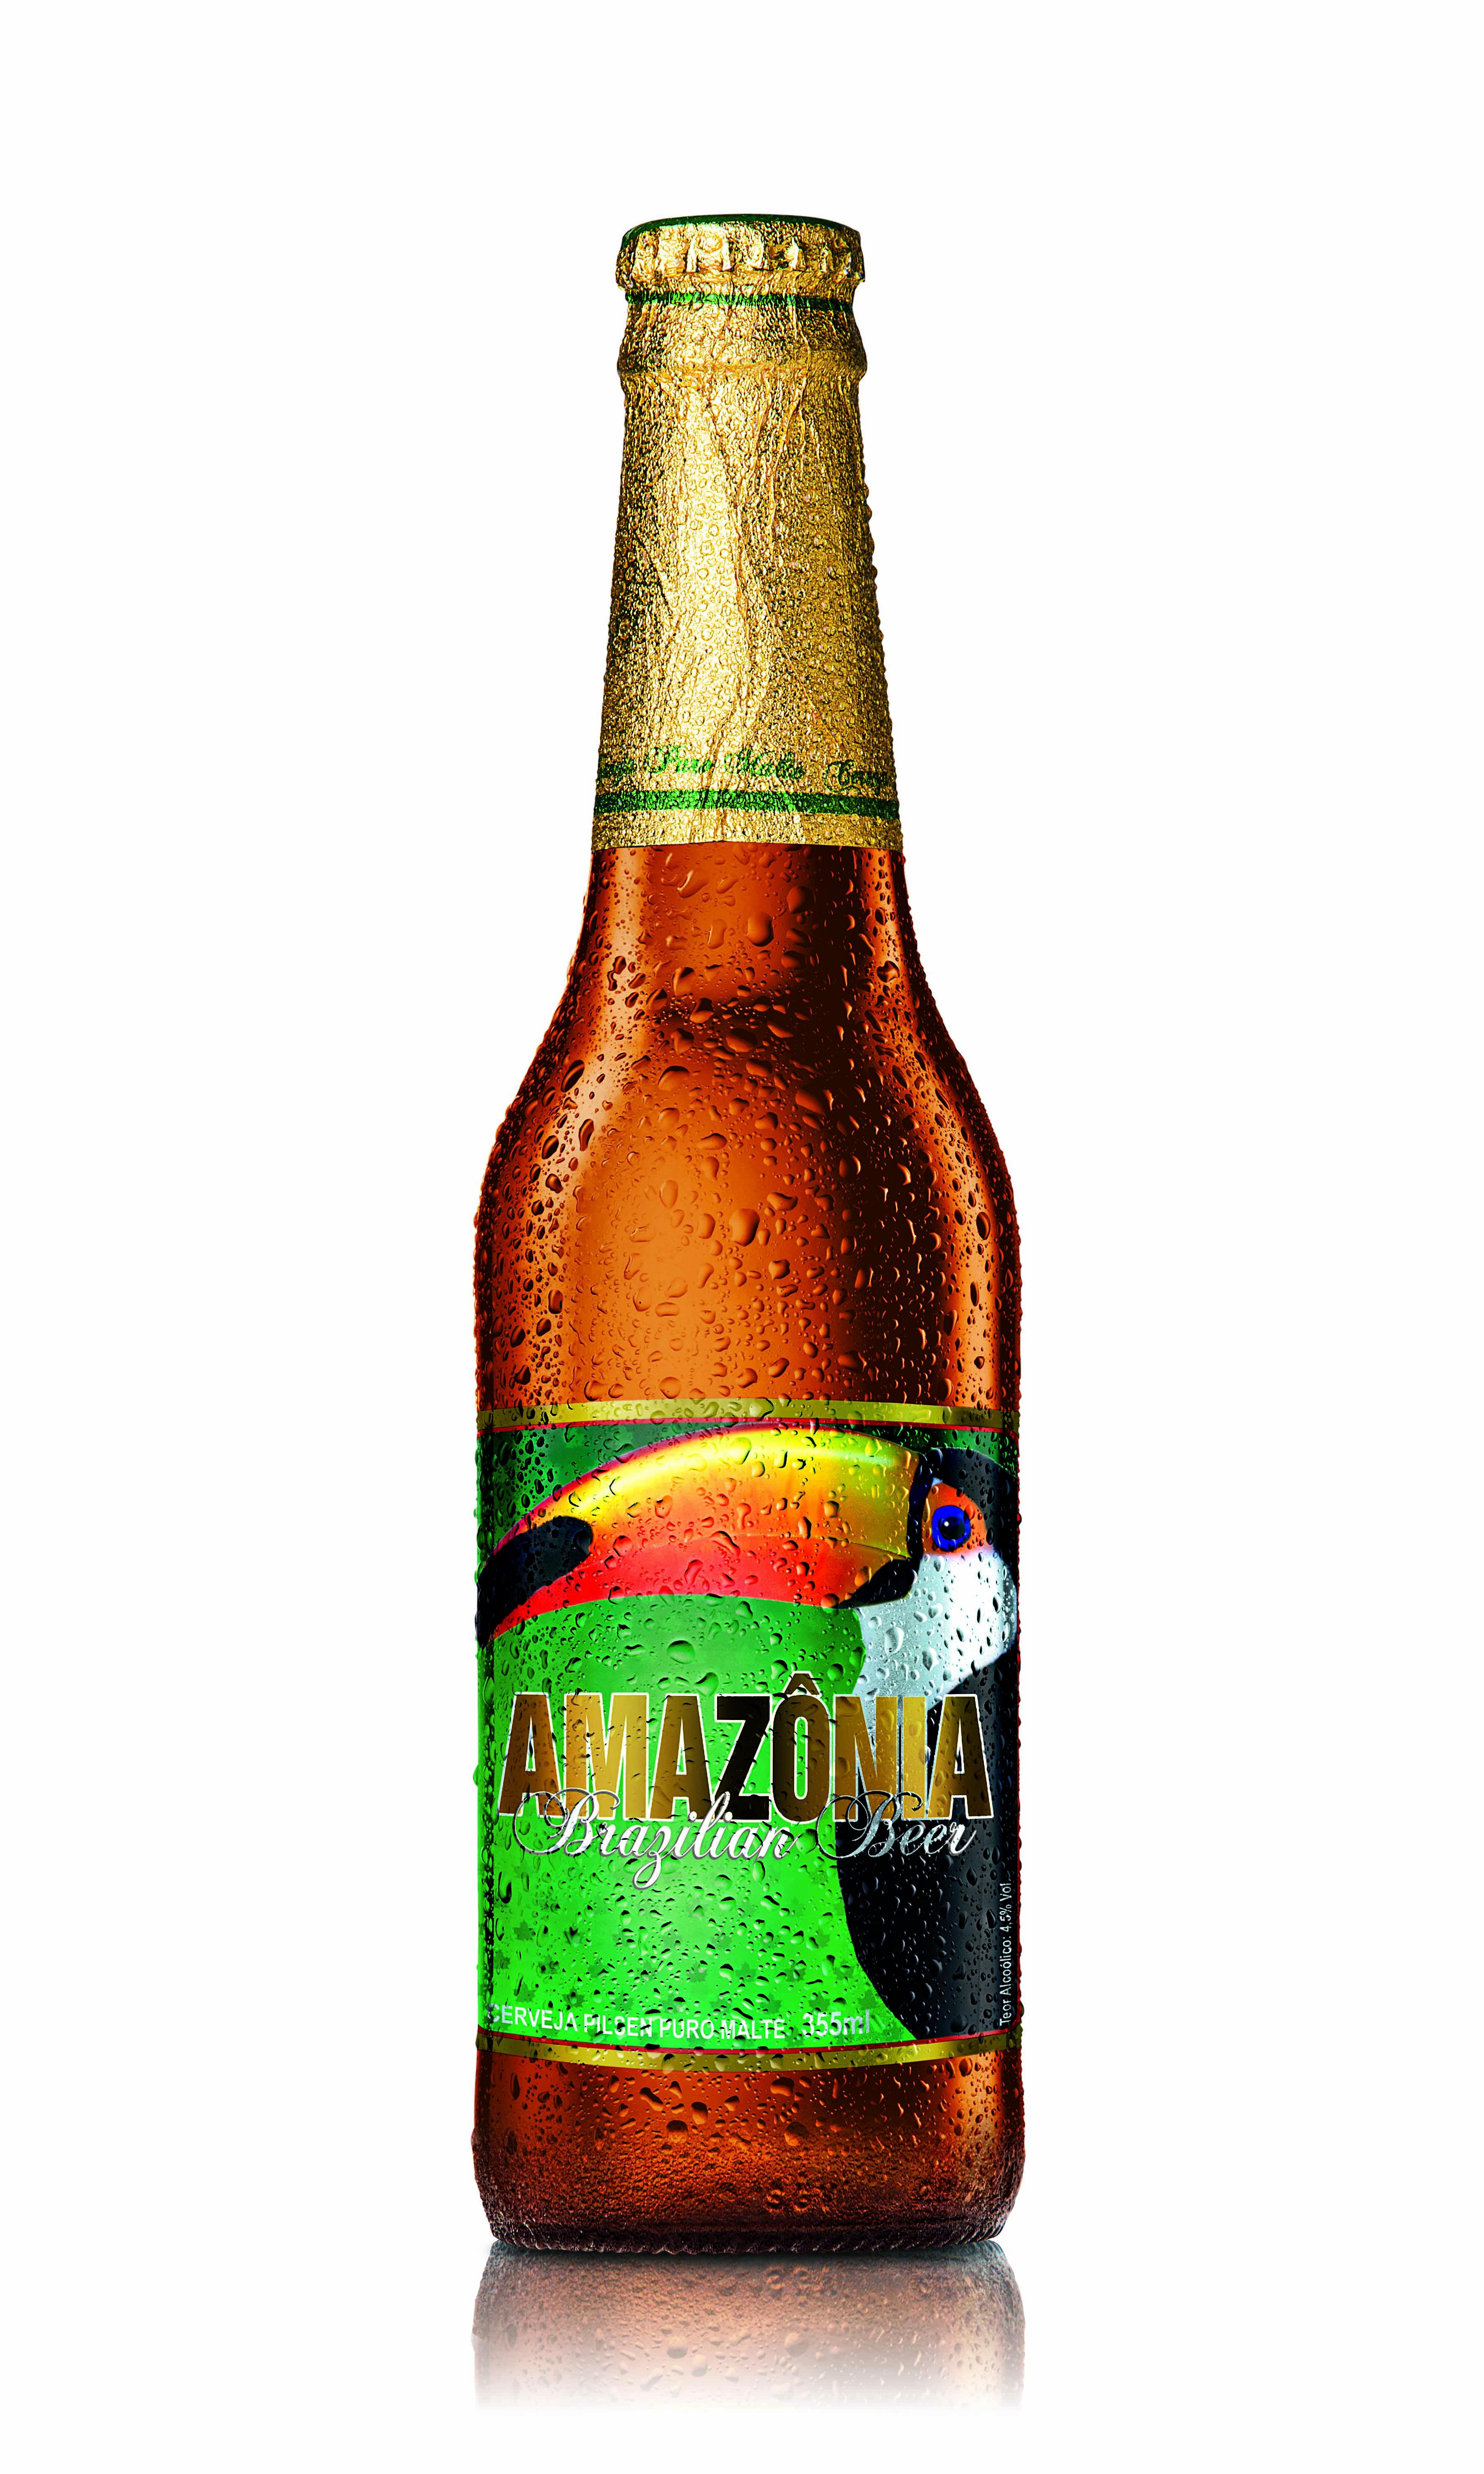 Amazonia Brazilian Beer